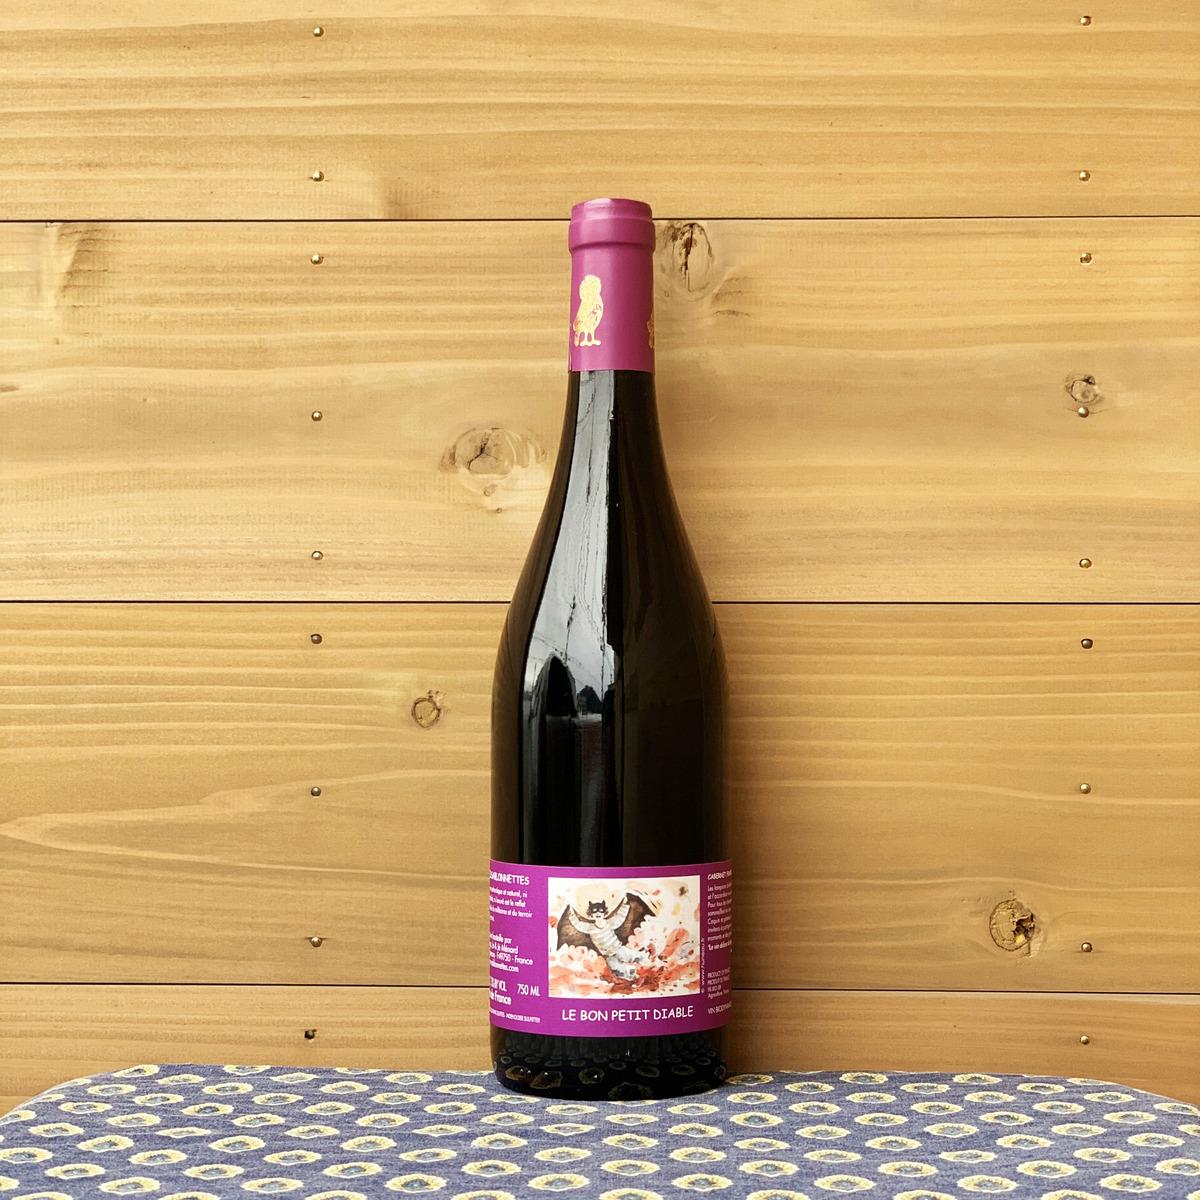 小さないたずらっ子 悪魔 という名前 エチケットの子供の絵がキュート ロワール地方 フランス 上等 サブロネット ディアーブル 赤ワイン 自然派ワイン プティ ル '16 ボン タイムセール